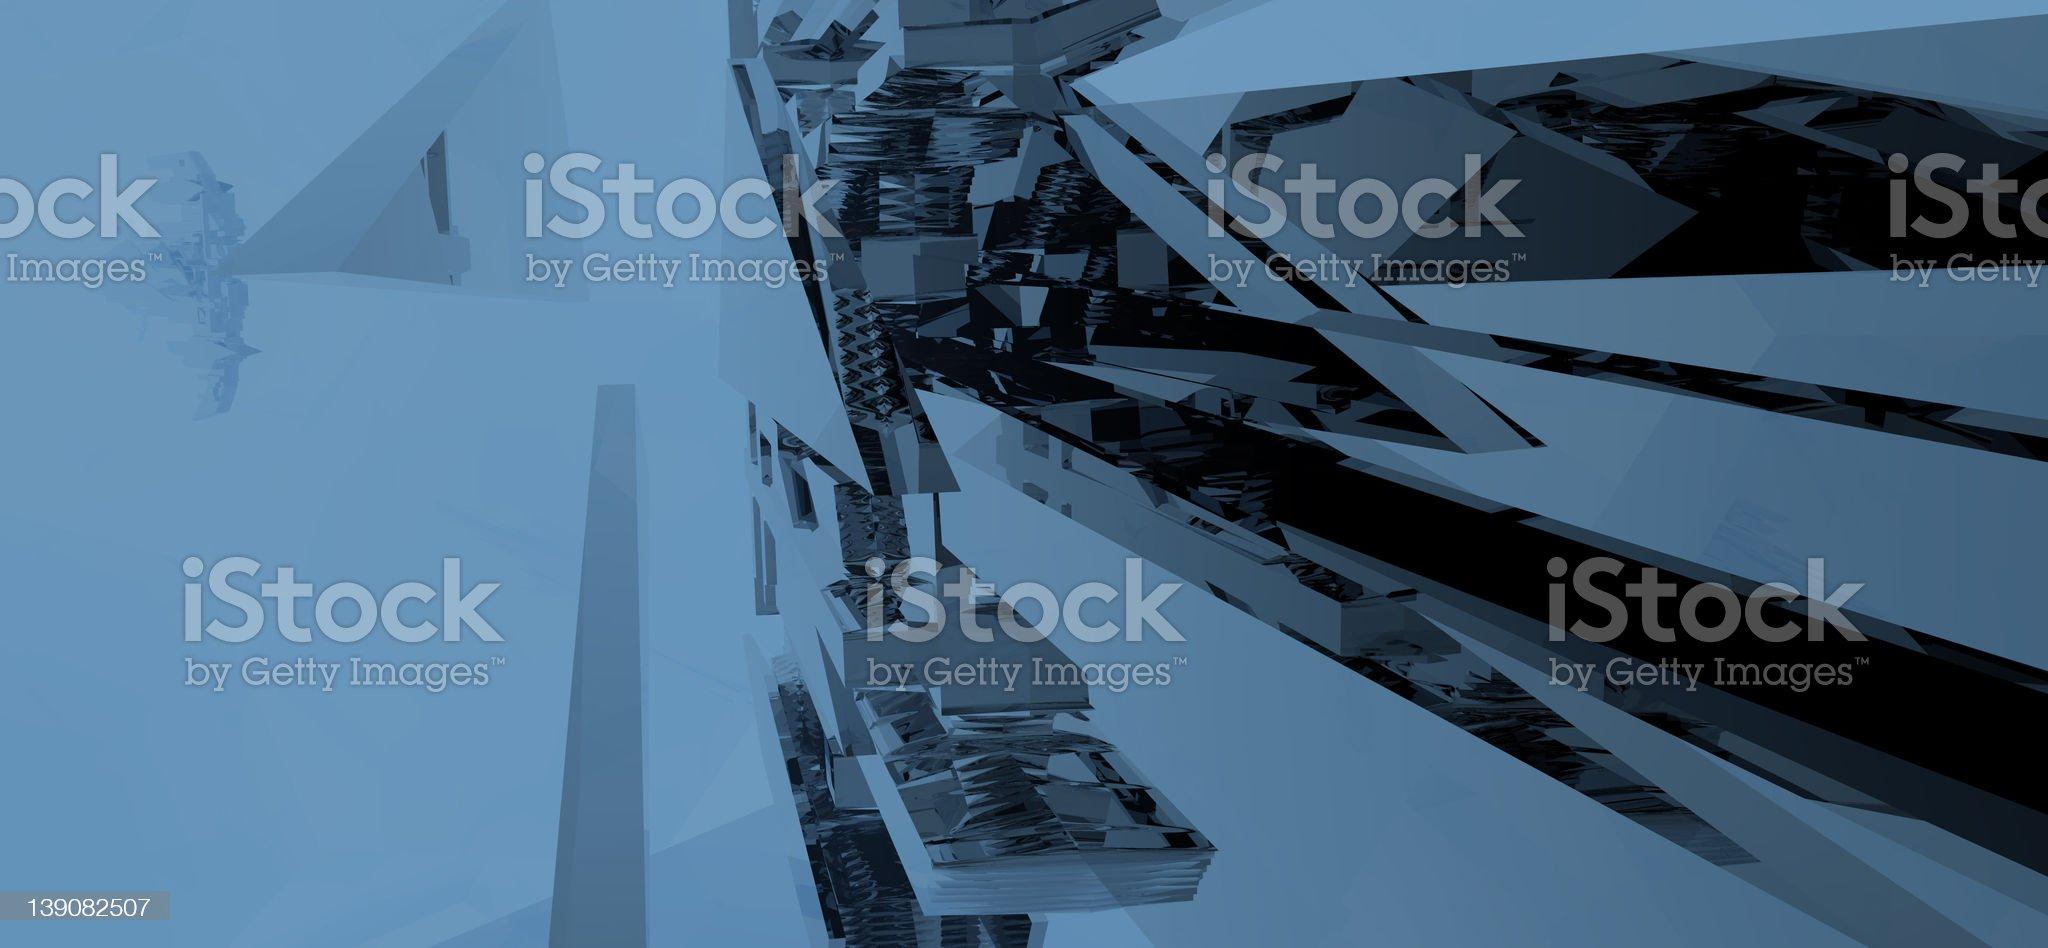 Metal Junk 1 royalty-free stock vector art